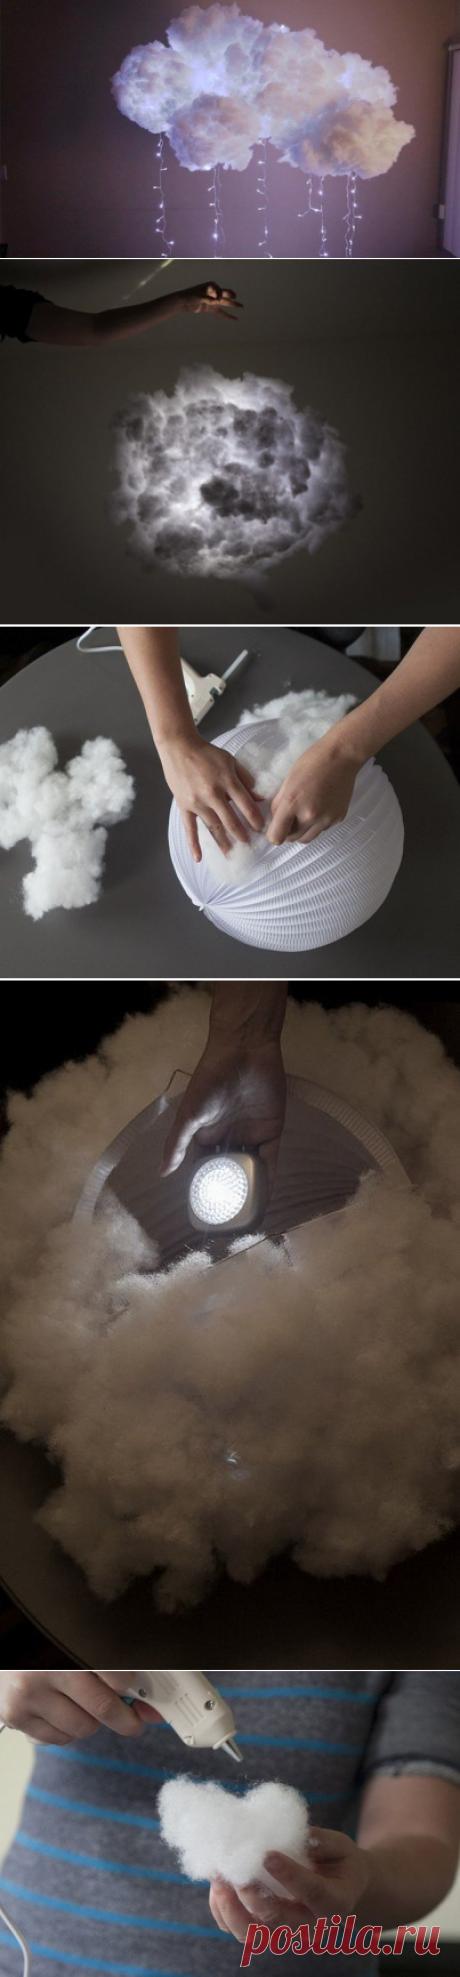 Облако-светильник своими руками